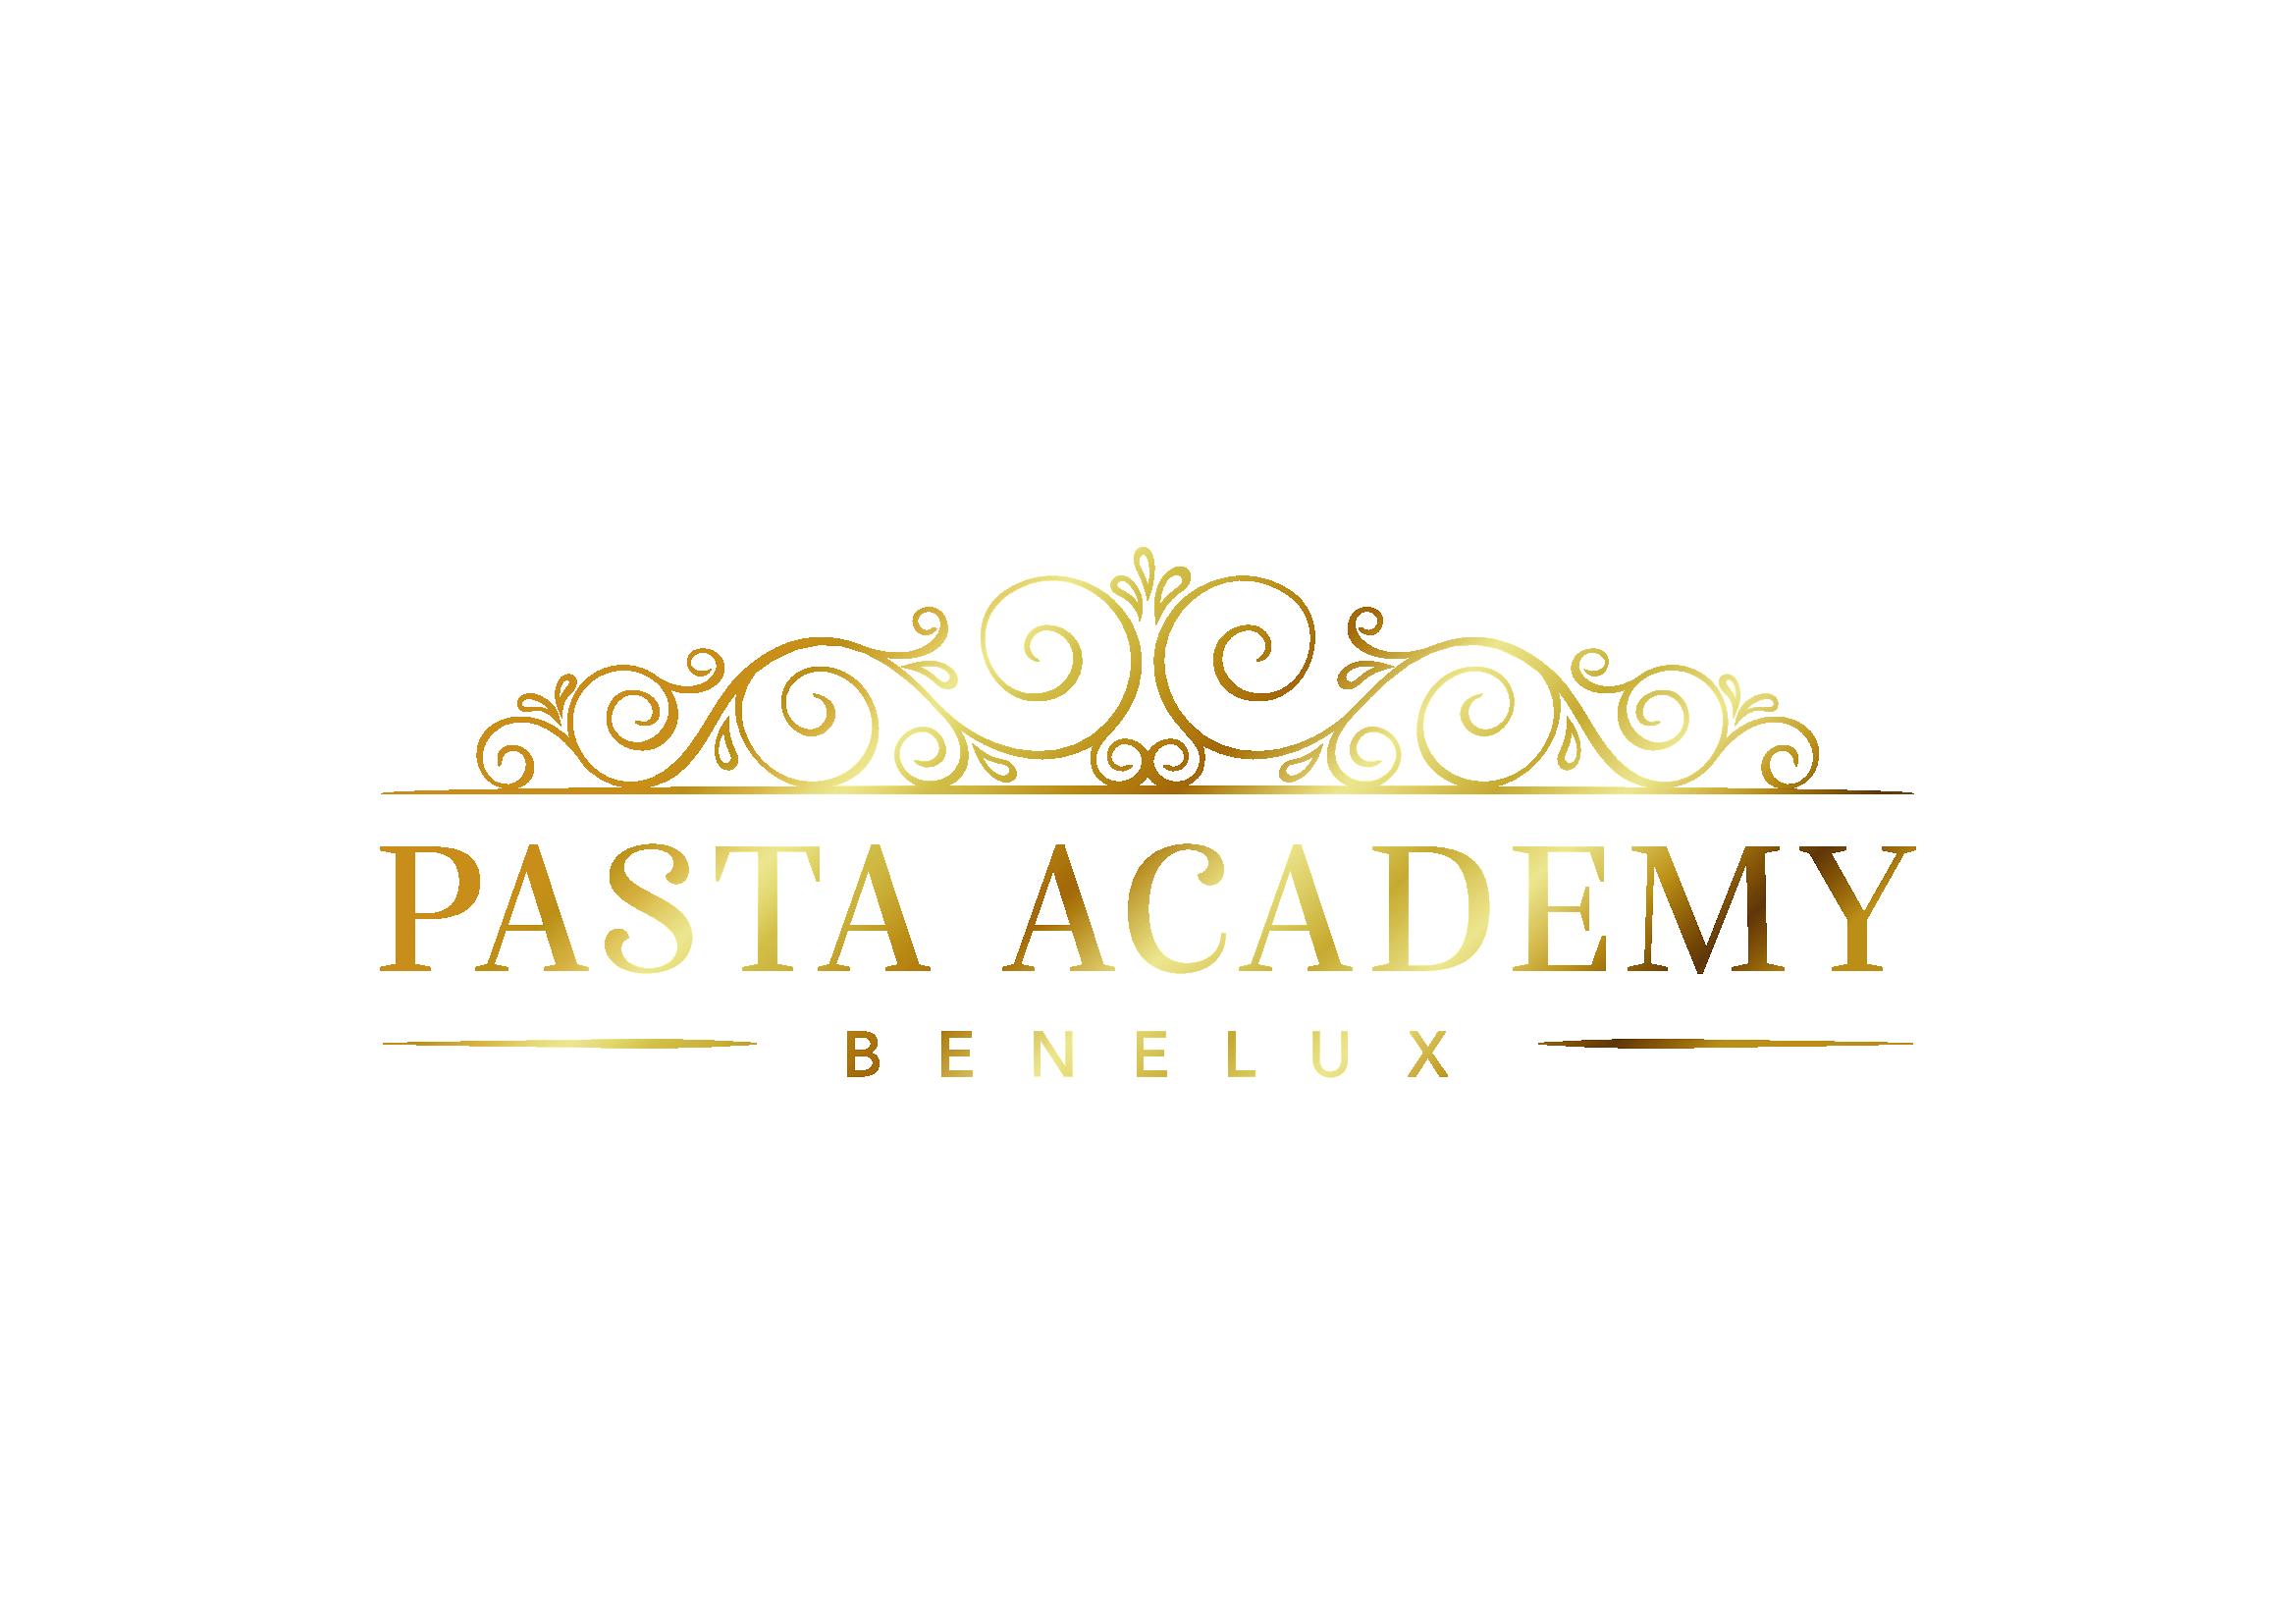 Pasta Academy Benelux - Leer traditionele Italiaanse pasta maken